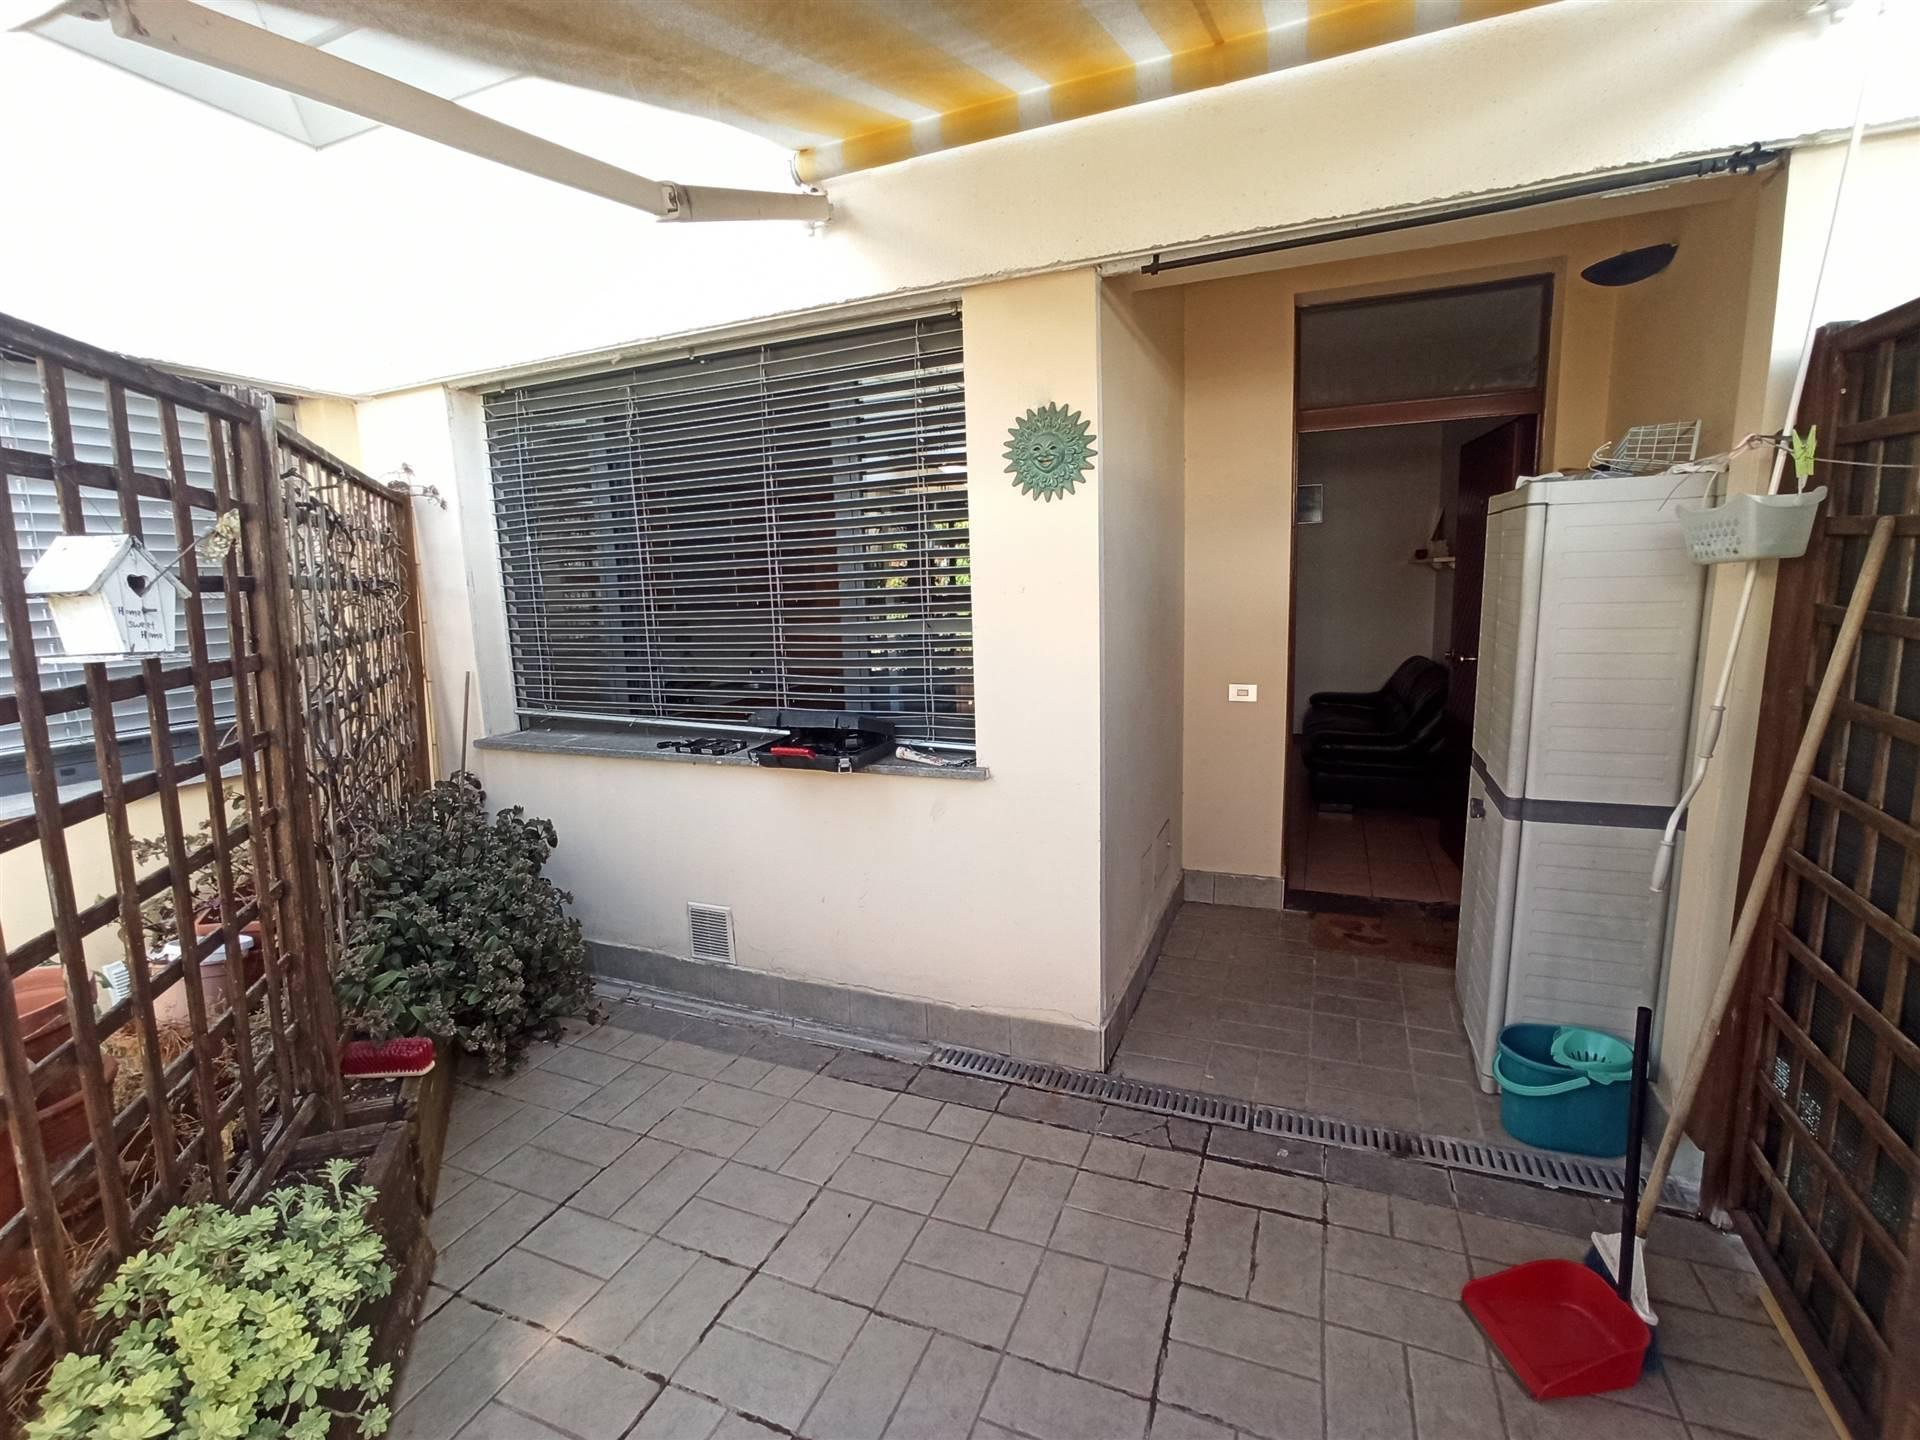 Firenze nord, zona Le Piagge, in contesto verdeggiante e ben servito, adiacente al centro commerciale, AFFITTASI appartamento BILOCALE di 50mq